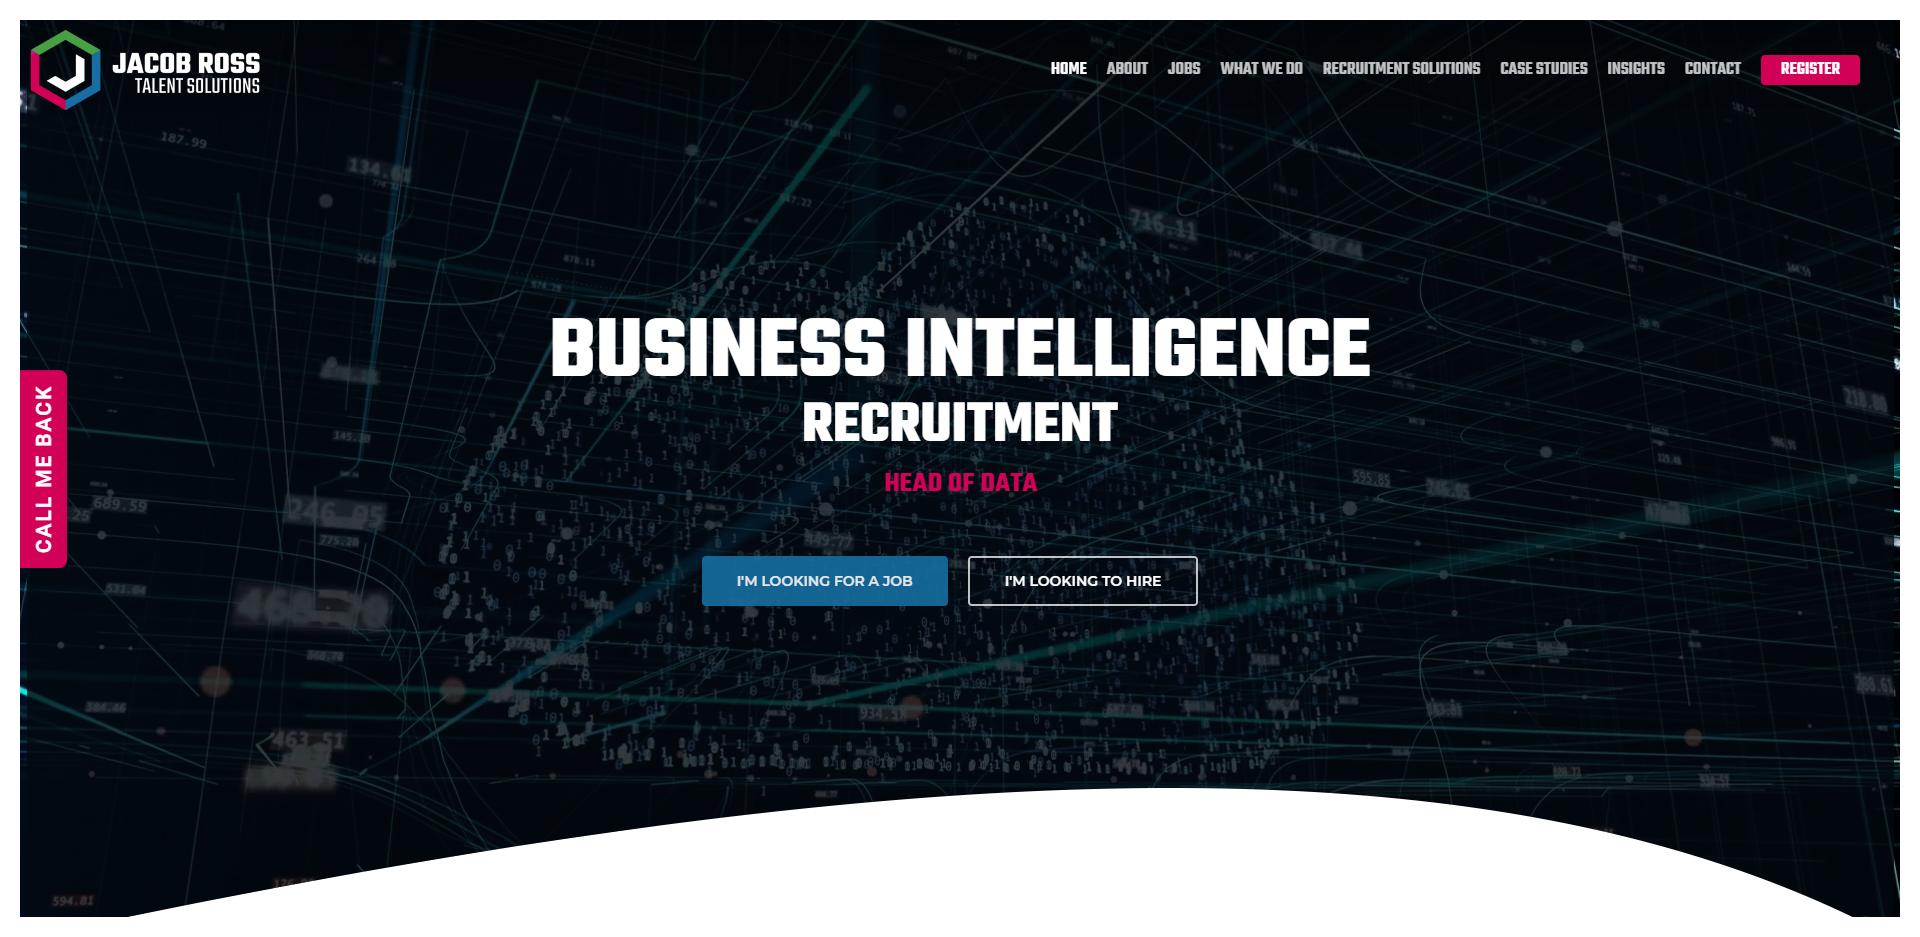 Jacob Ross Talent Solutions